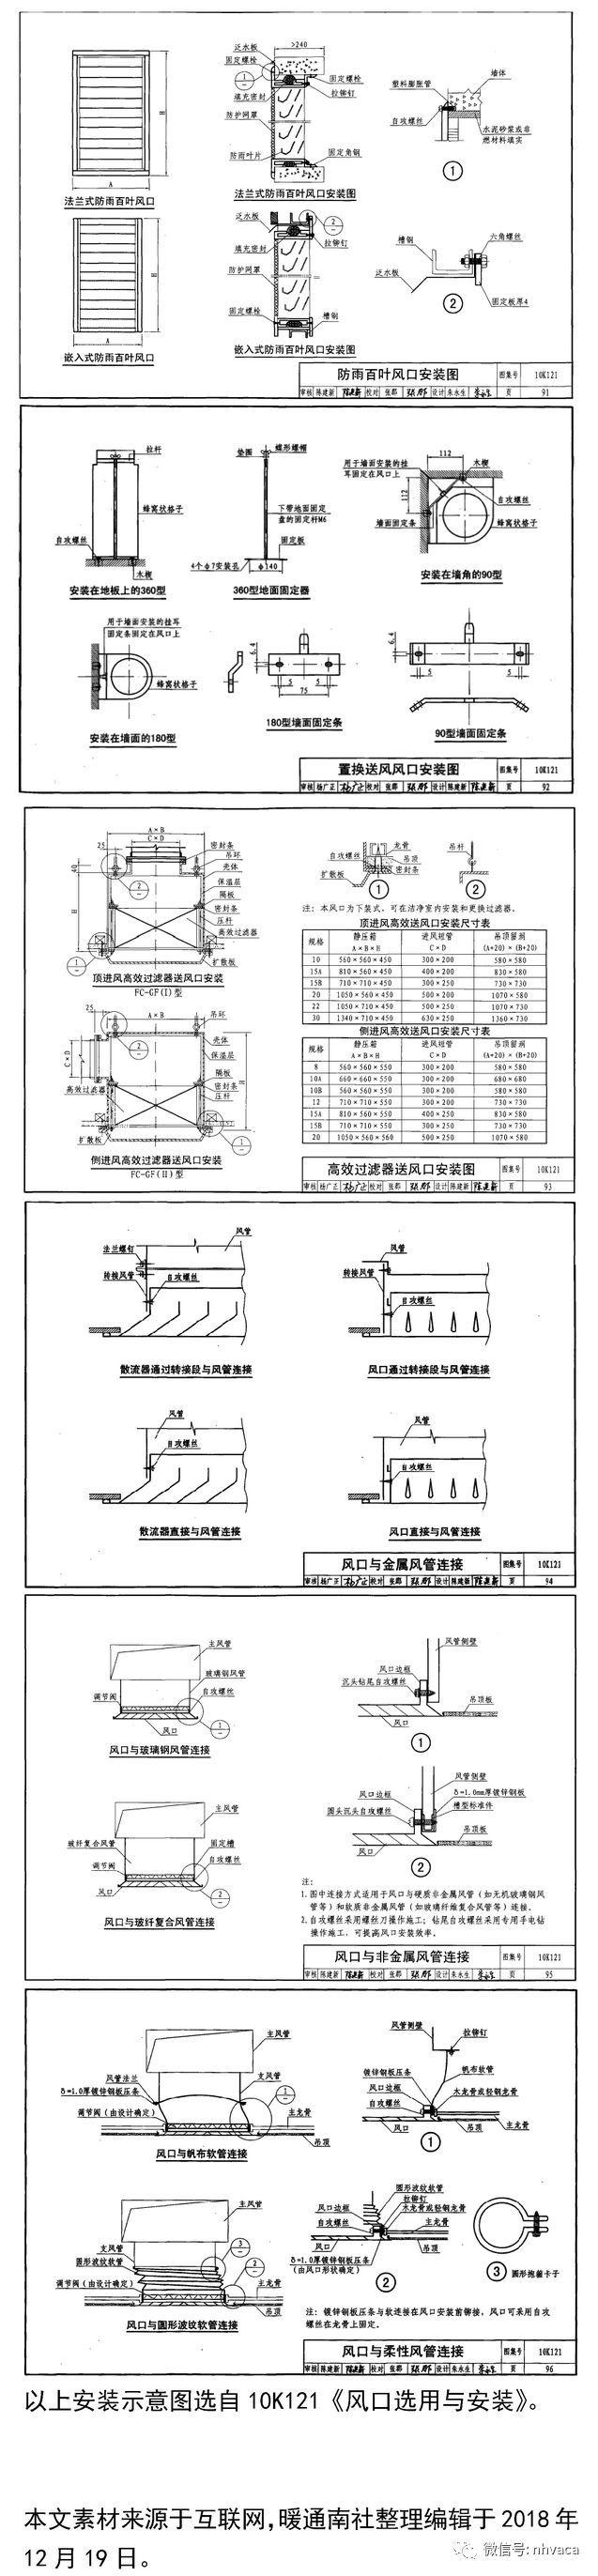 风口散流器与气流组织综合应用手册_21